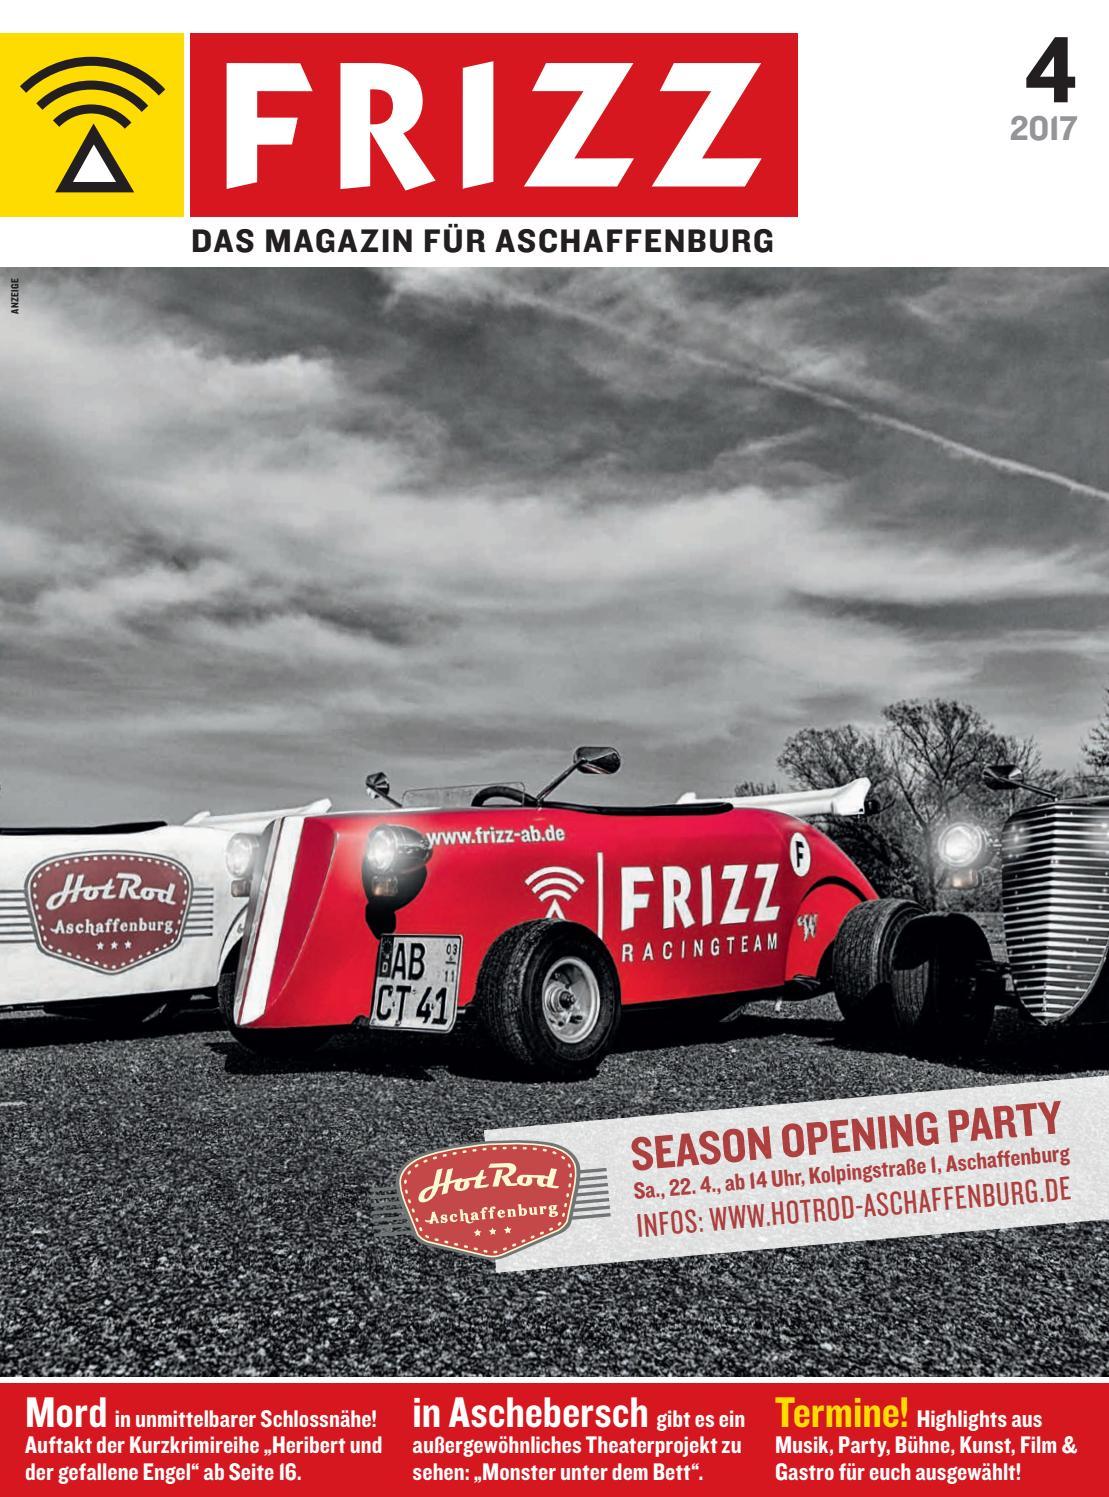 FRIZZ Aschaffenburg 04 2017 by MorgenWelt Verlag - issuu